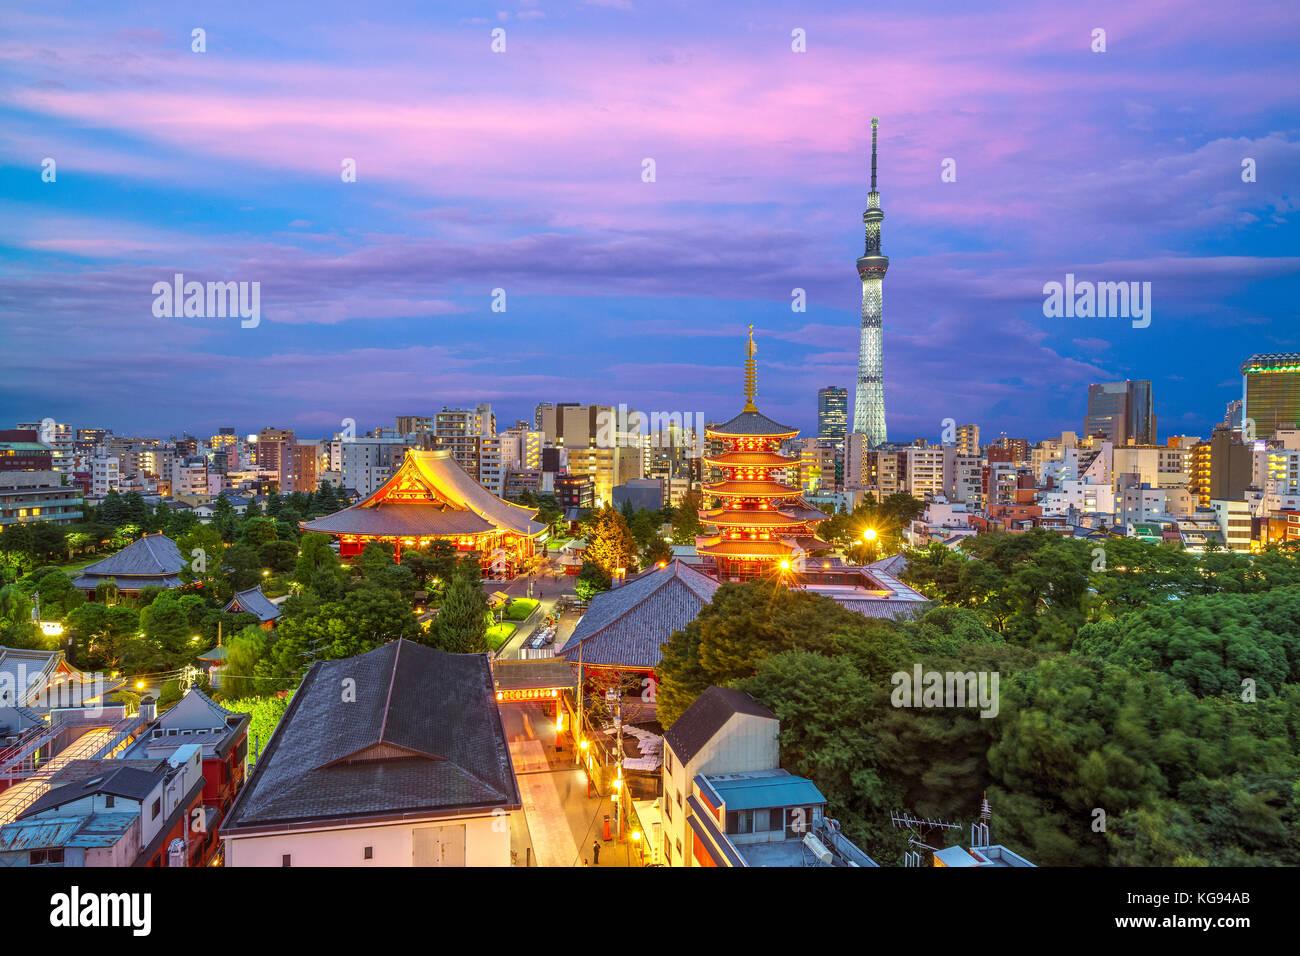 Vue aérienne de la ville de Tokyo dans la nuit au Japon Photo Stock